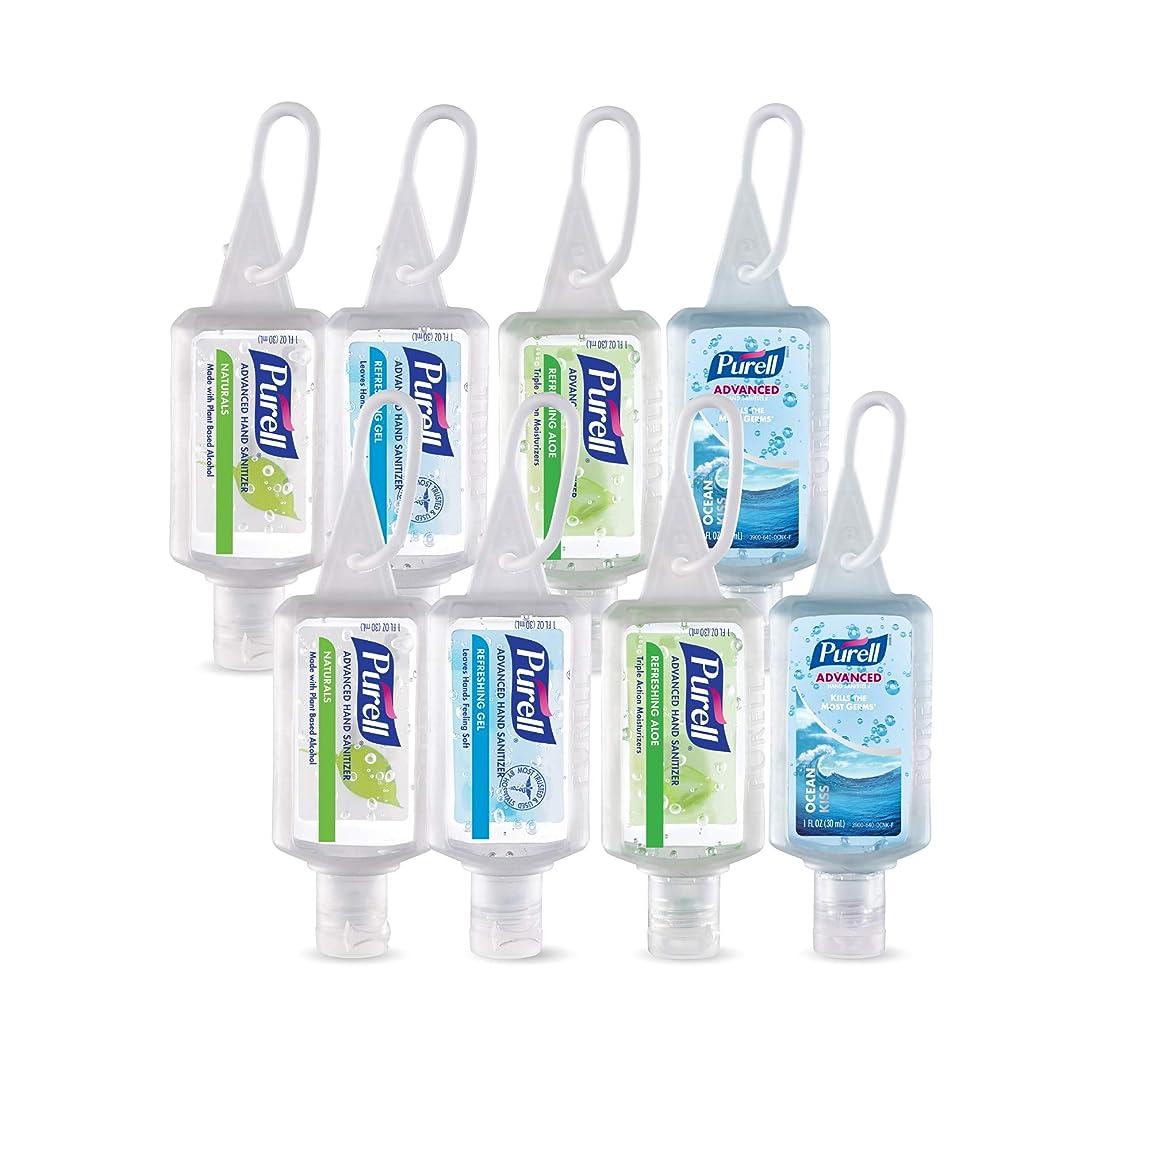 勃起恩赦風Purell高度なインスタントHand Sanitizer?–?トラベルサイズJellyラップポータブルSanitizerボトル、香りつき (1 oz, Pack of 8) 3900-08-ECINSC 8